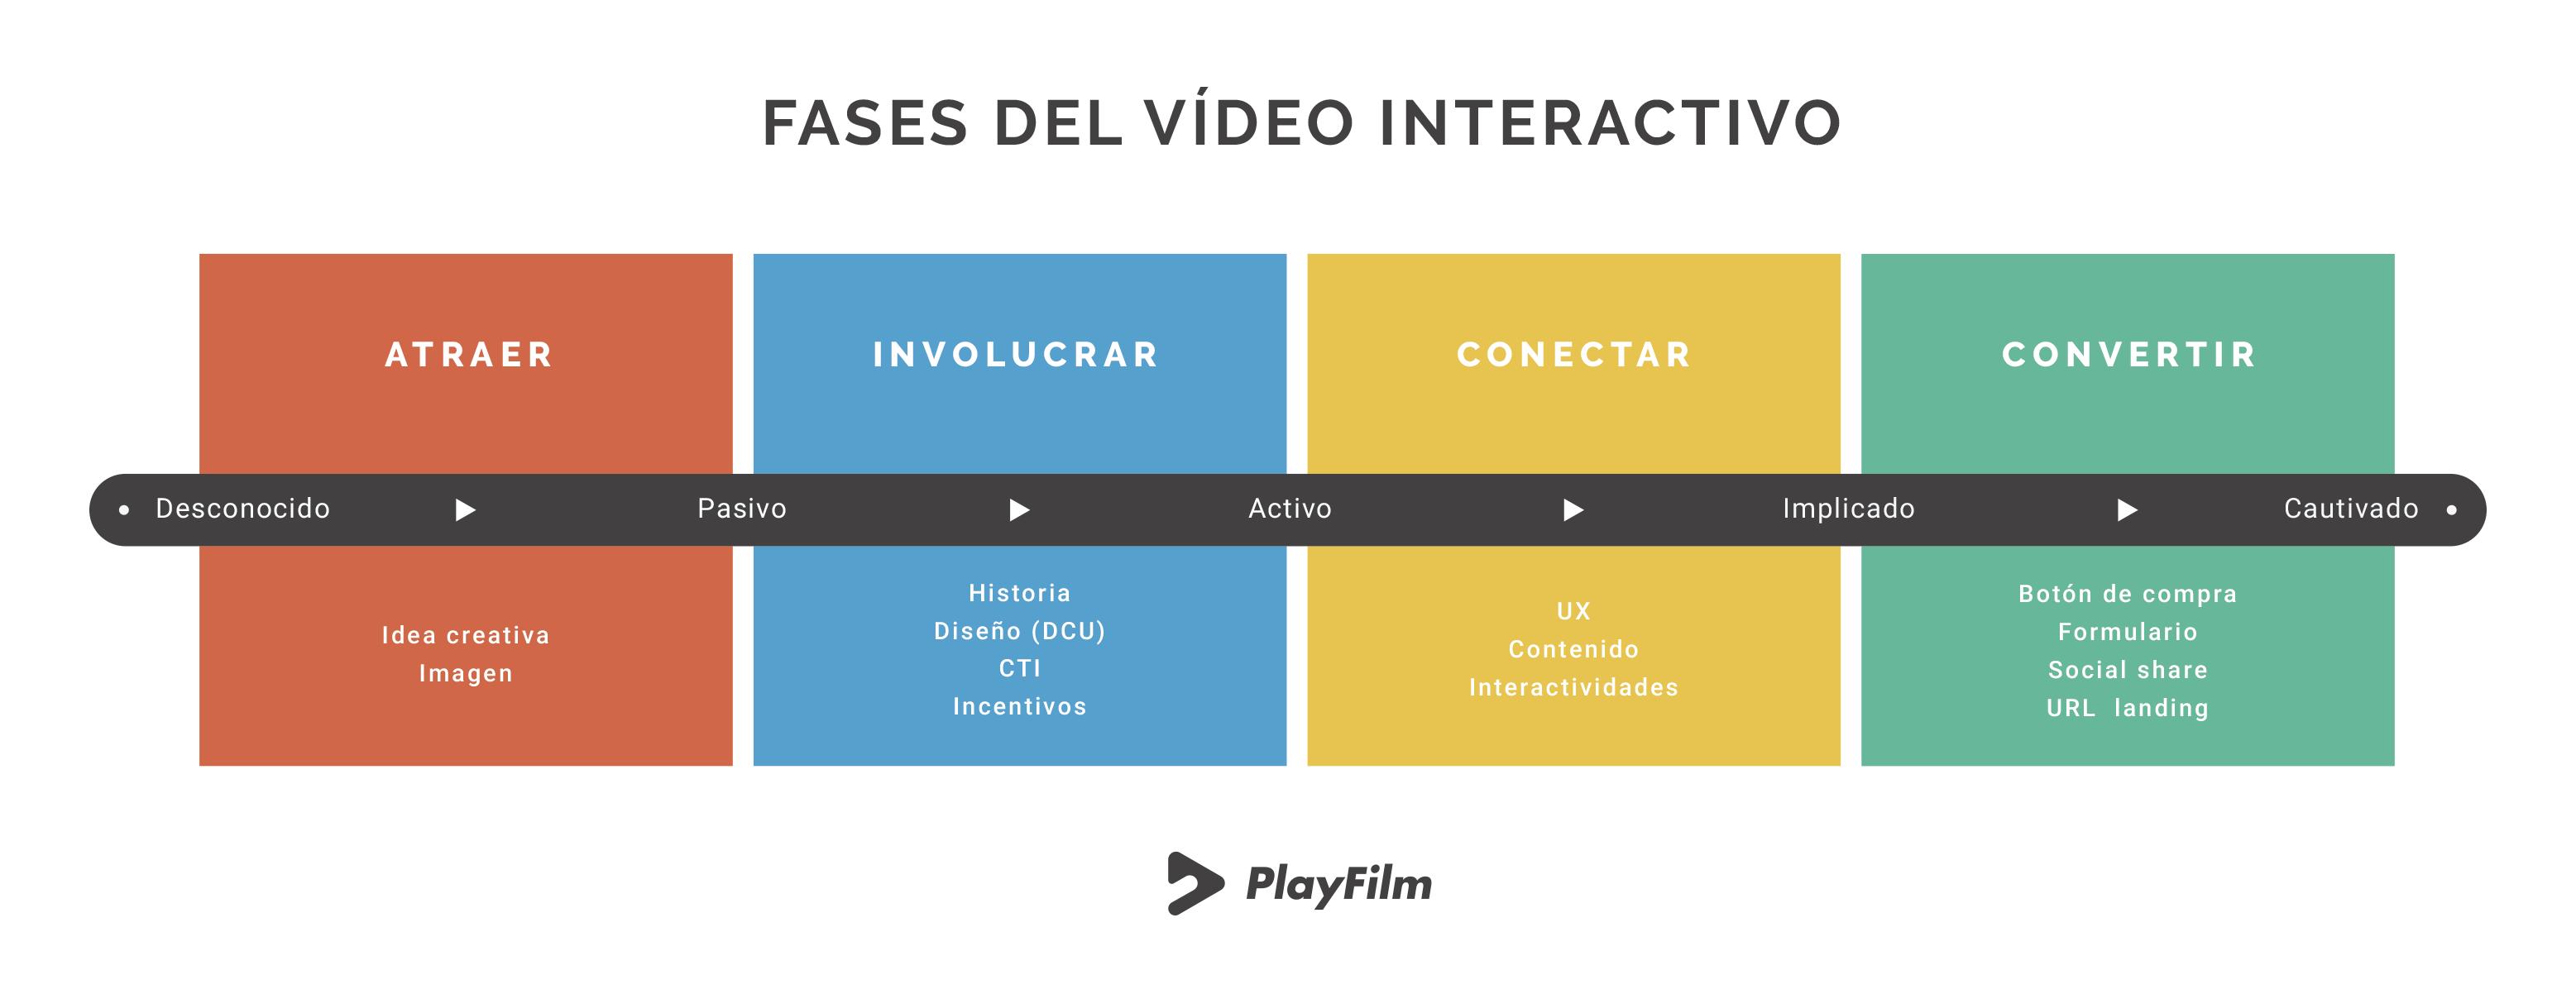 contenidos interactivos llegan a Youtube fases